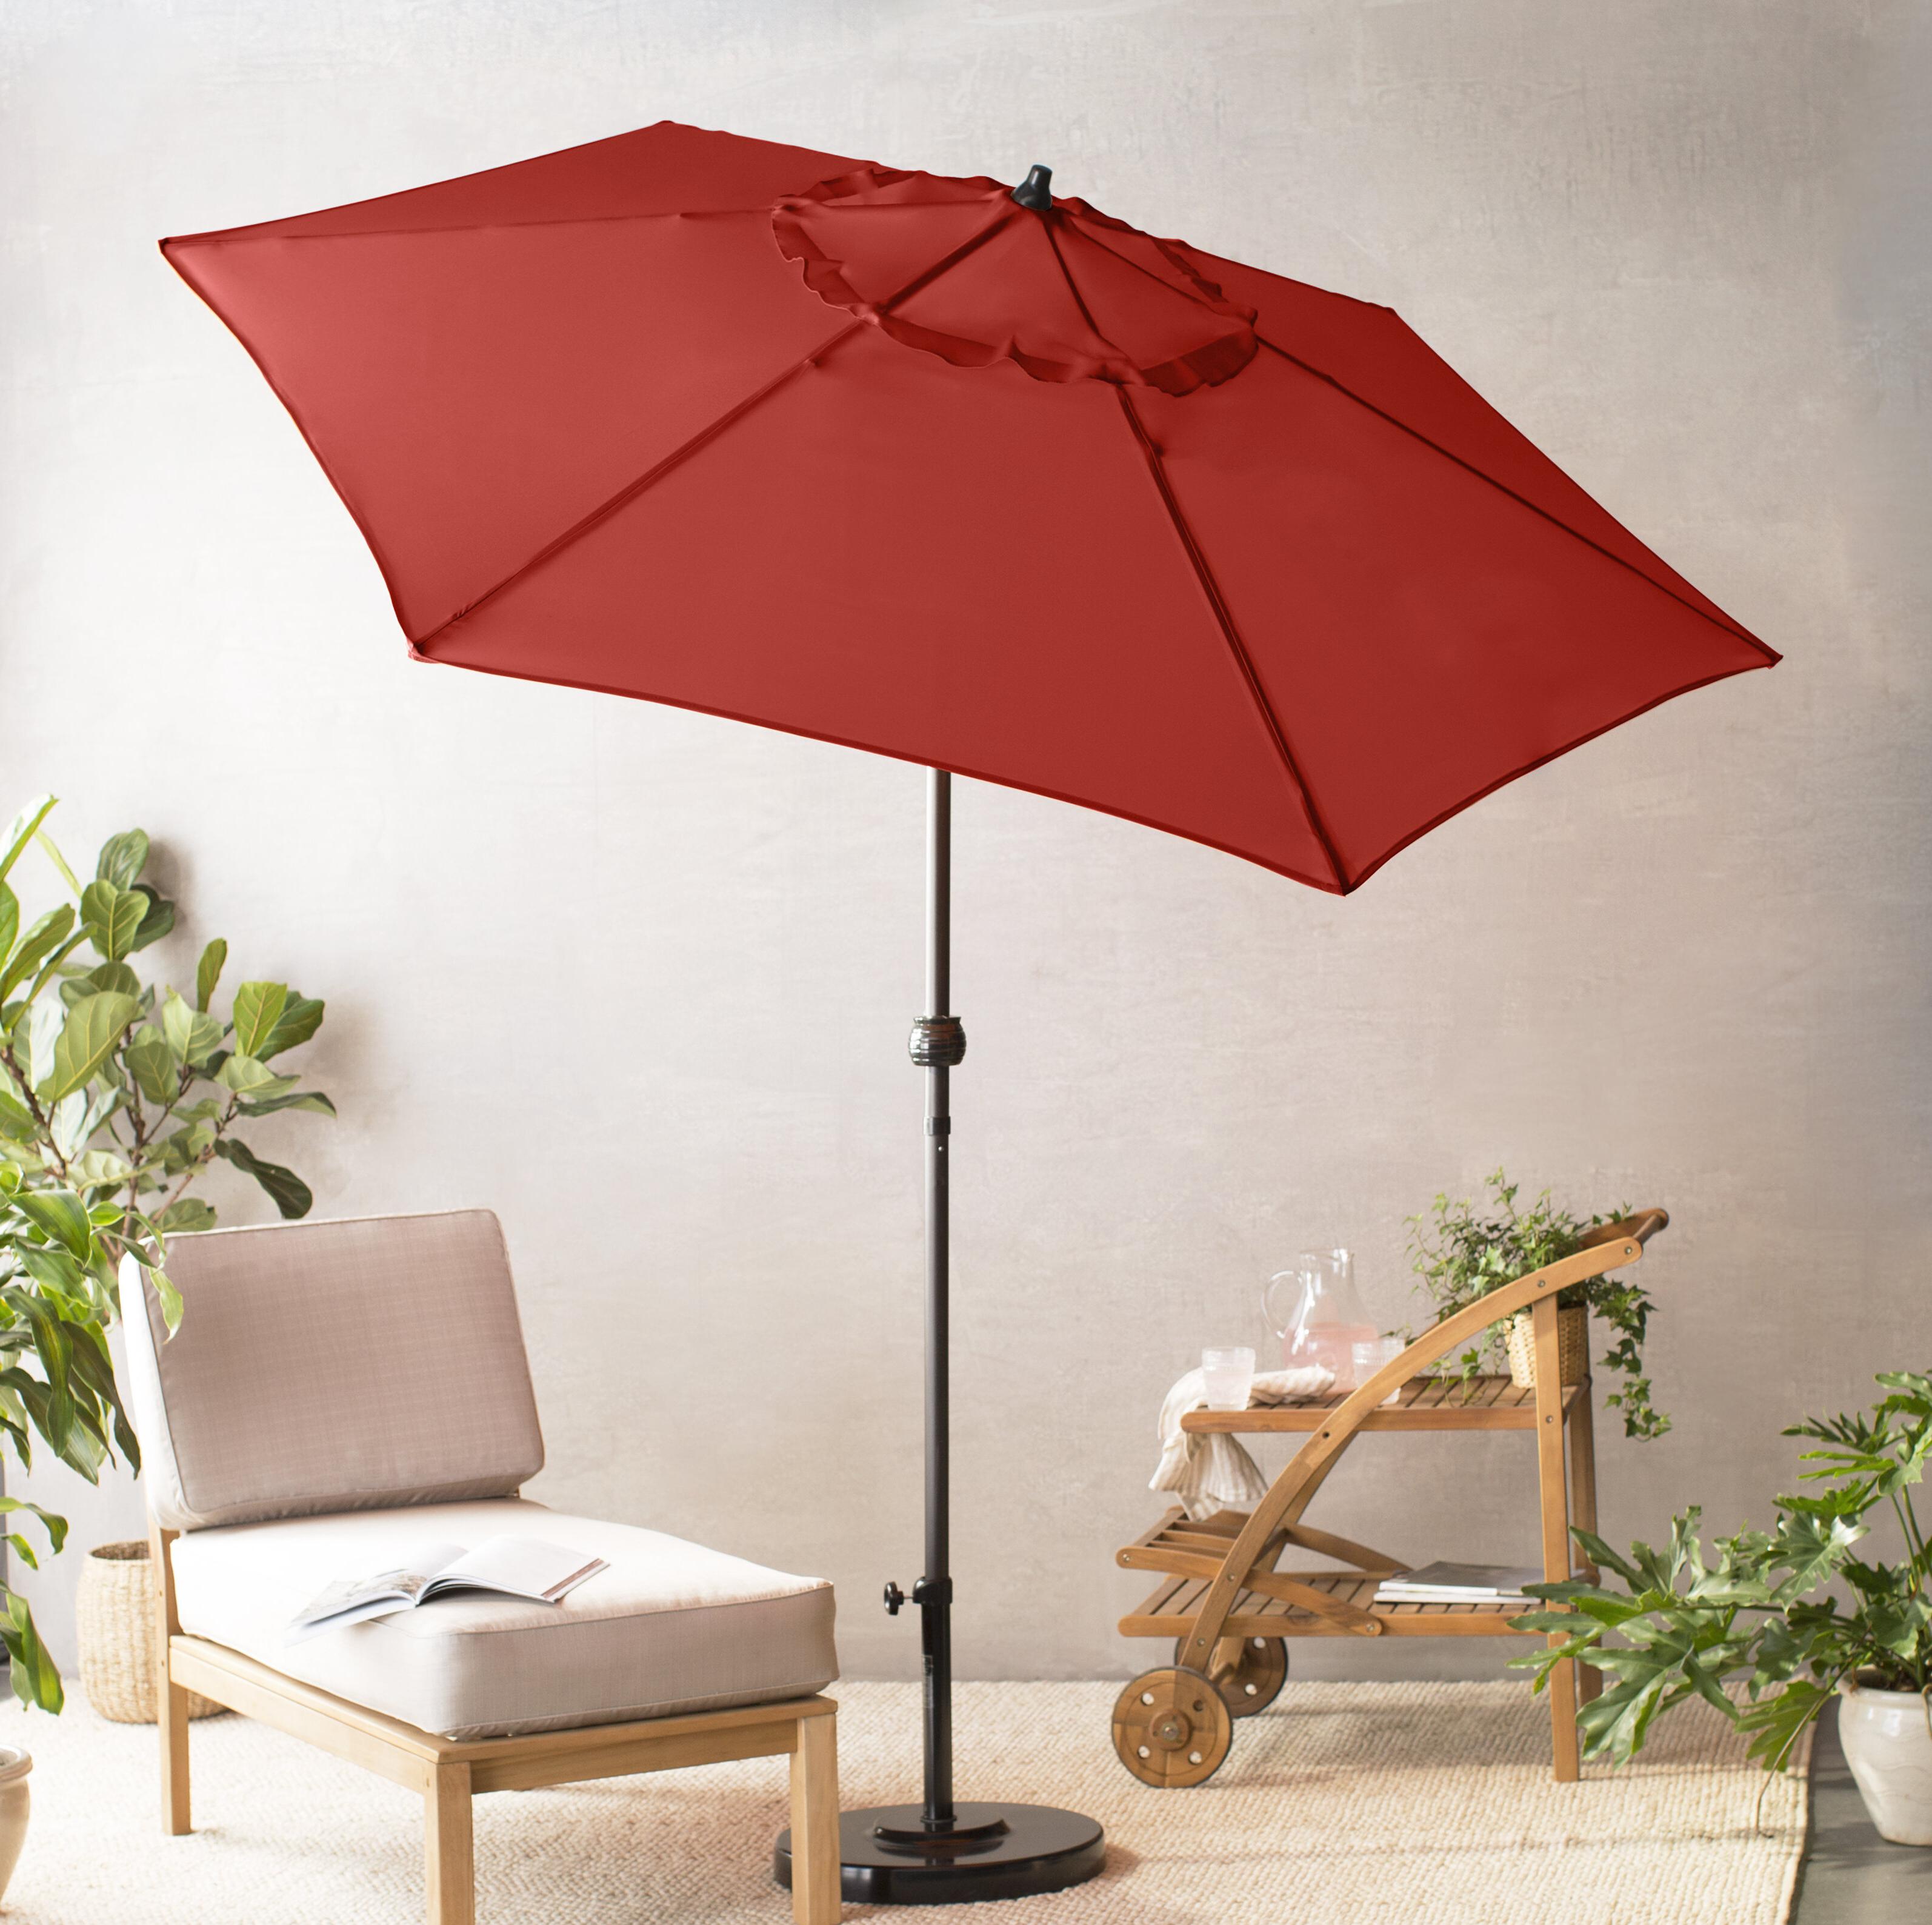 Kearney 9' Market Umbrella In Widely Used Bradford Patio Market Umbrellas (Gallery 9 of 20)